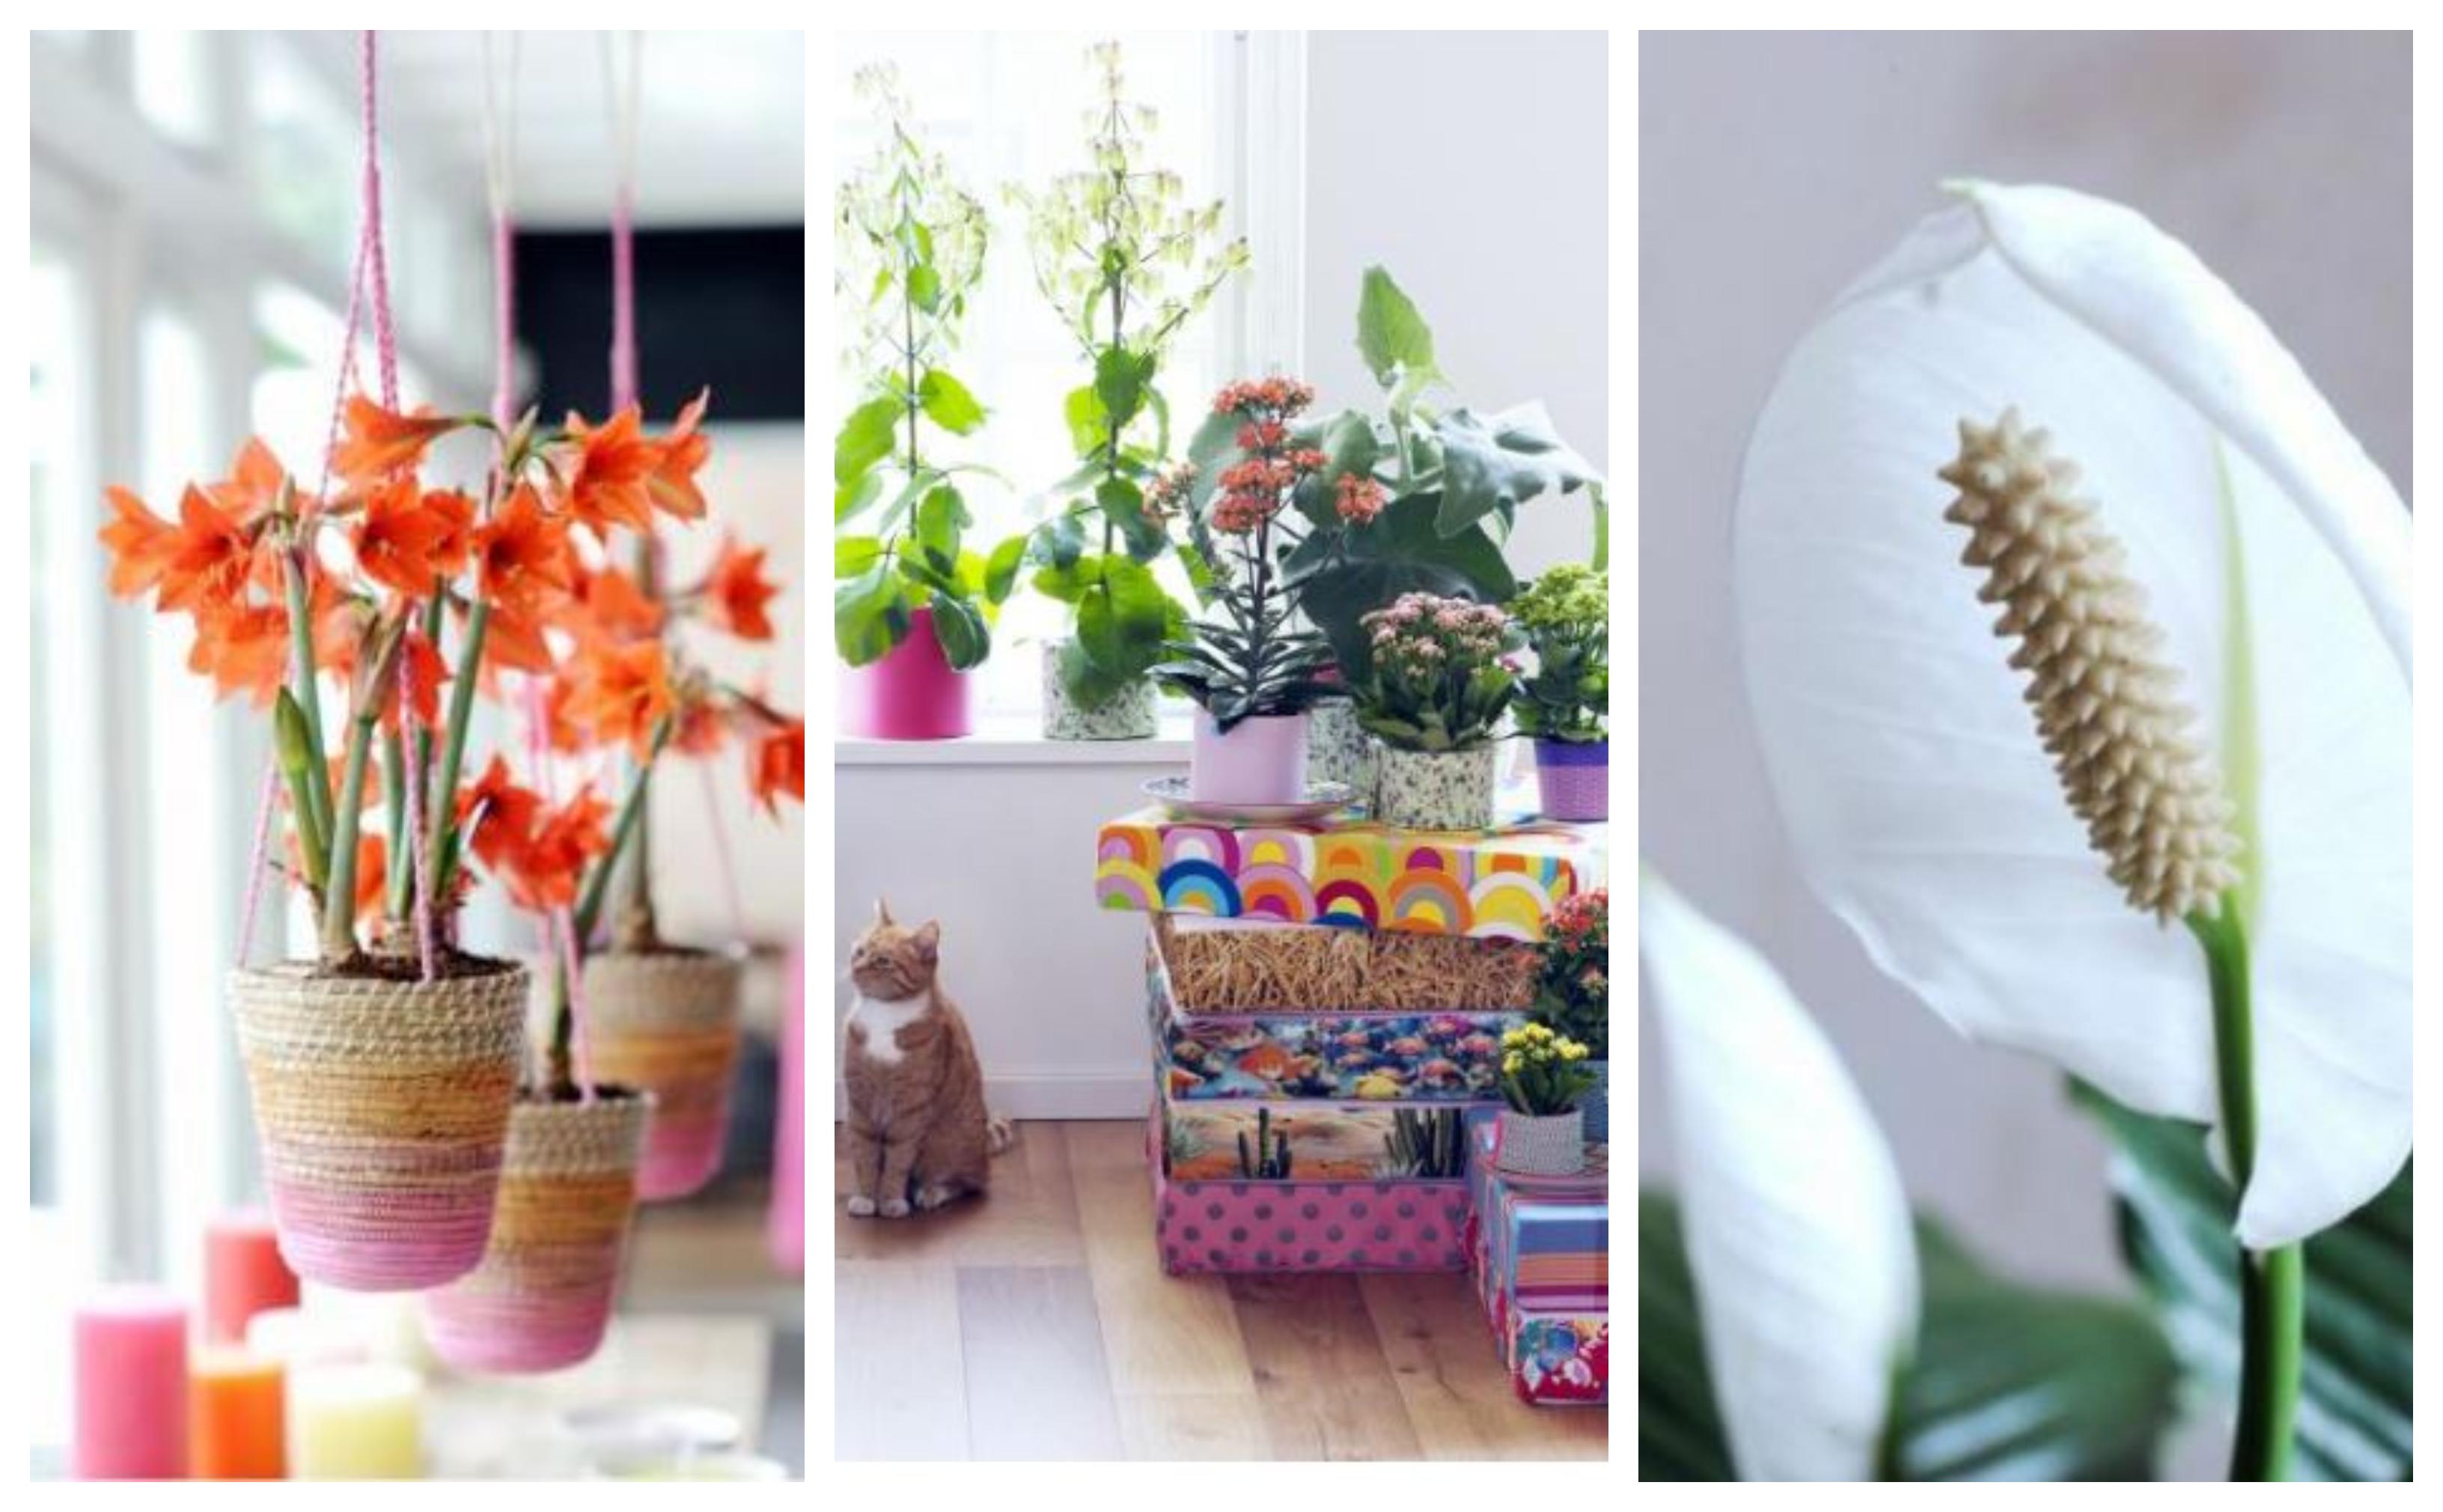 Decoratie Planten Binnen.De Mooiste Kamerplanten Voor De Winter Floor